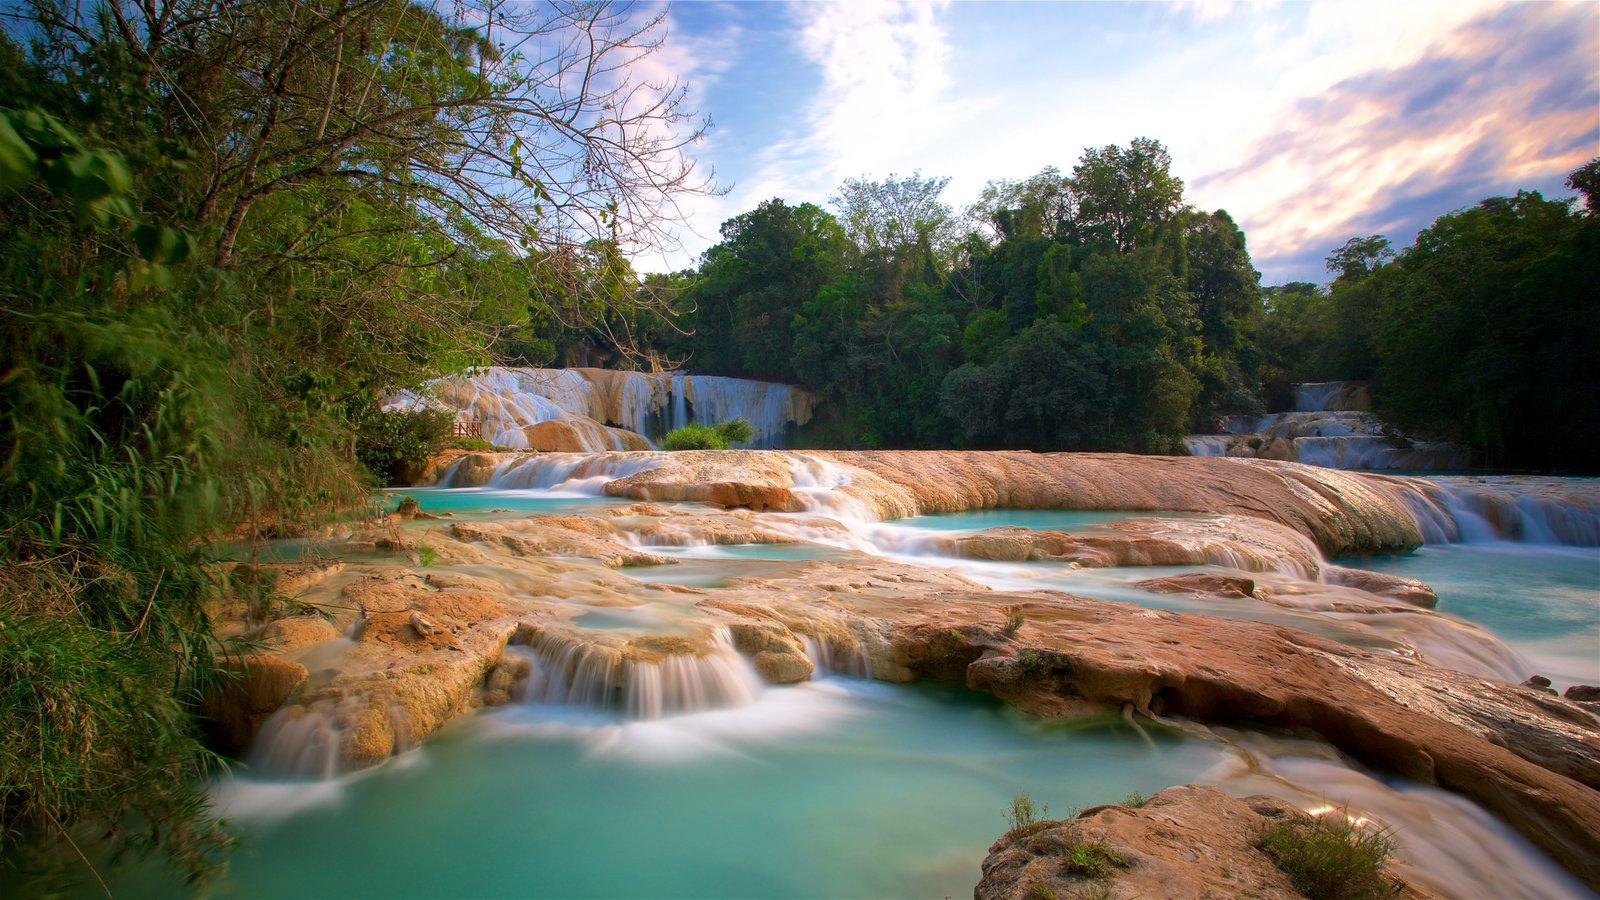 Cascadas de Agua Azul mostrando un río o arroyo, una puesta de sol y vistas de paisajes